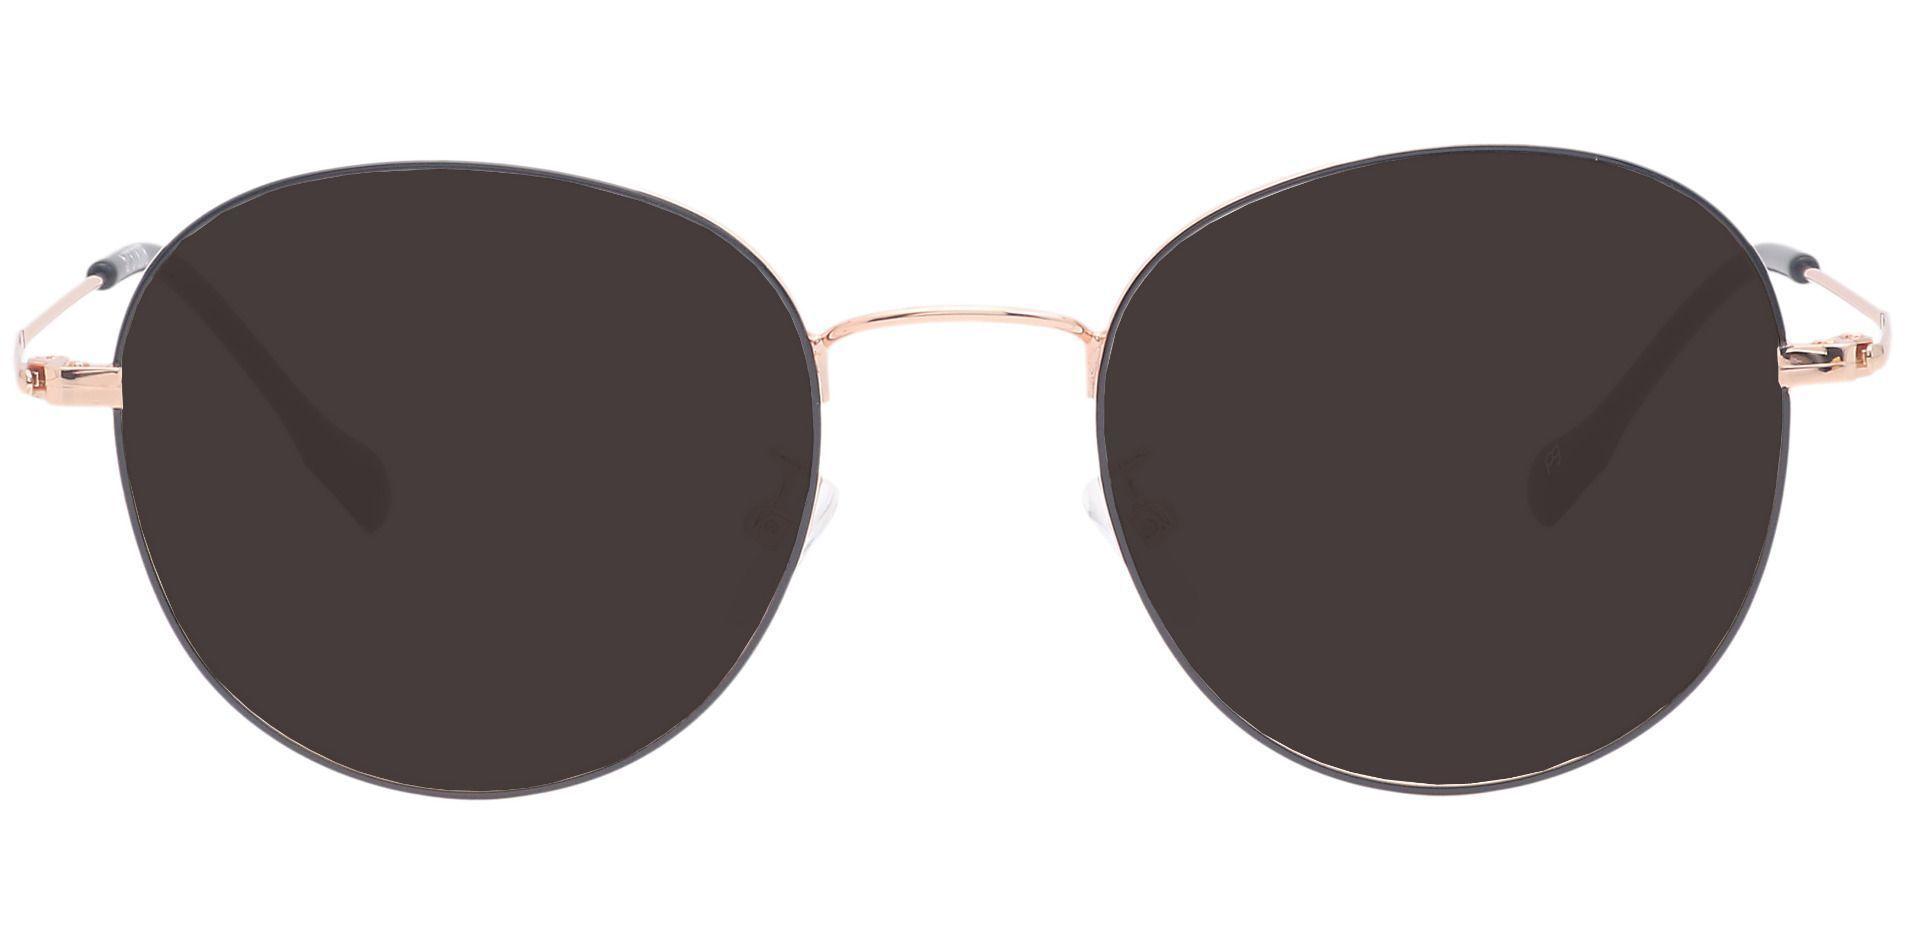 Miller Oval Prescription Sunglasses - Black Frame With Gray Lenses